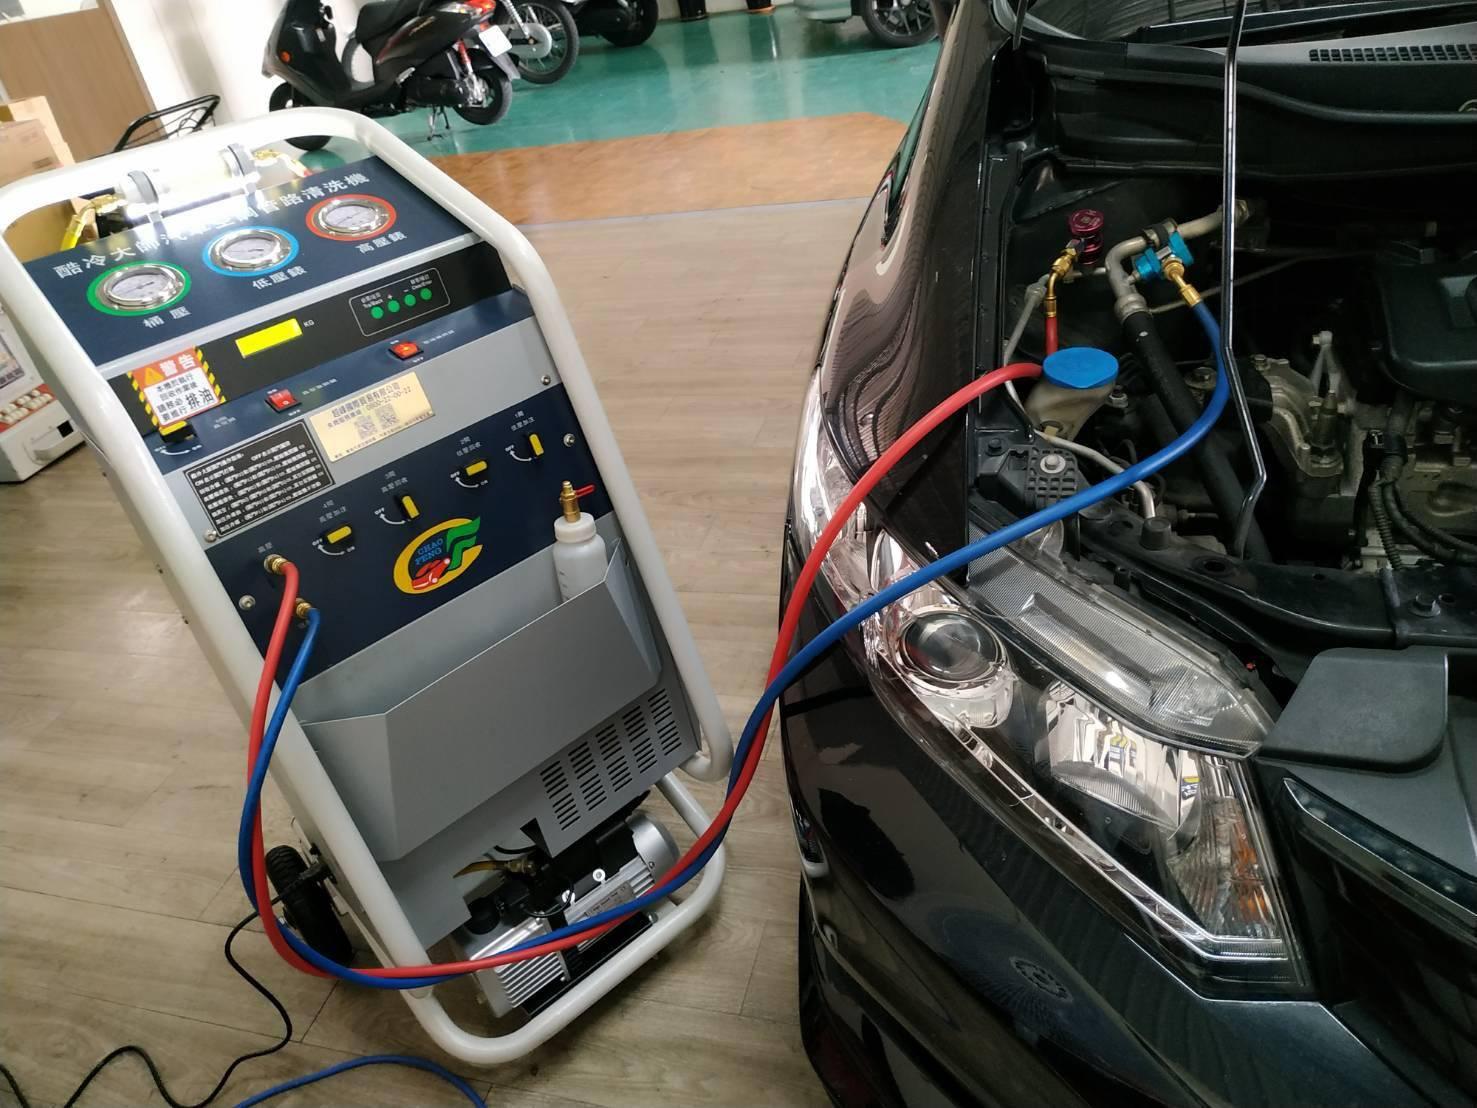 【富昇汽車】本田/HONDA CIVIC 軸承磨損#車身抖動#冷氣怪聲音#循環清洗